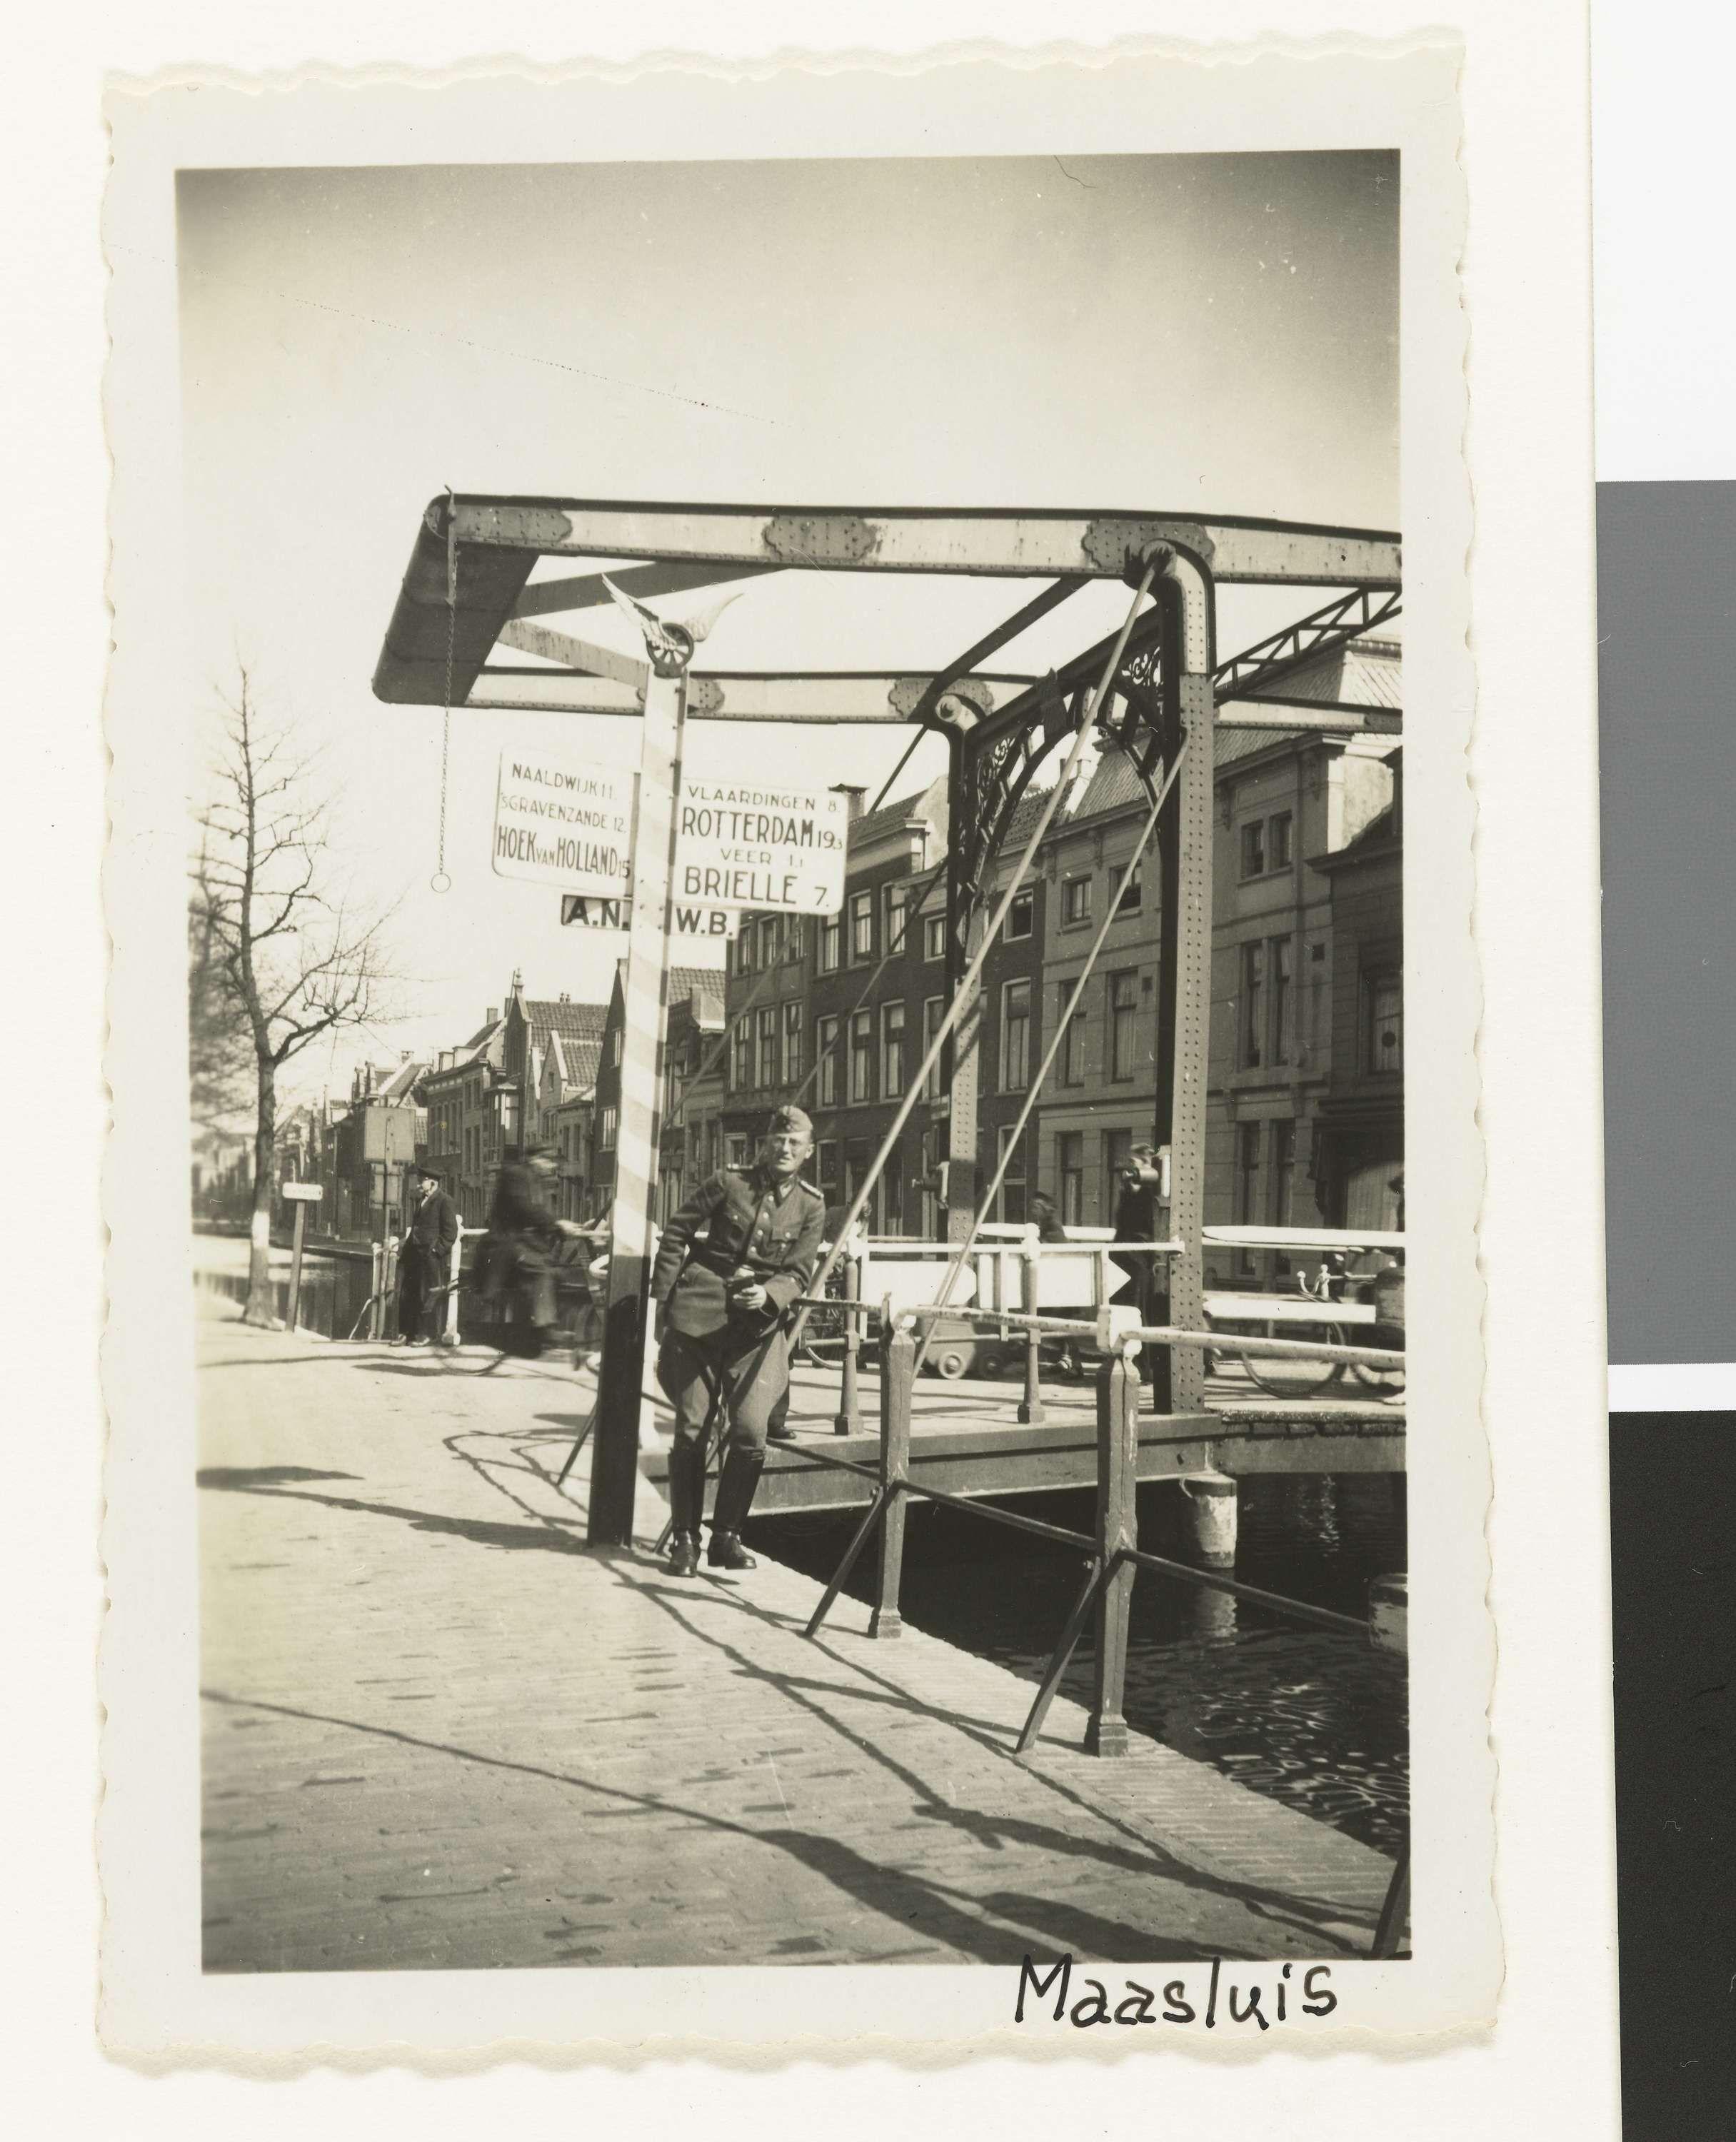 Anonymous | Duitse soldaat poseert bij ophaalbrug, Anonymous, 1940 - 1943 | Een Duitse soldaat poseert voor de foto tegen de railing langs een gracht bij een ophaalbrug in Maassluis. Hij draagt een legerpet en in zijn hand houdt hij een camera. Achter hem huizen en voetgangers en een ANWB bord dat de richting aangeeft naar: Naaldwijk, s'Gravenhage , Hoek van Holland, Vlaardingen, Rotterdam en Brielle. (zelfde man als op NG-2007-5-35 t/m 38)